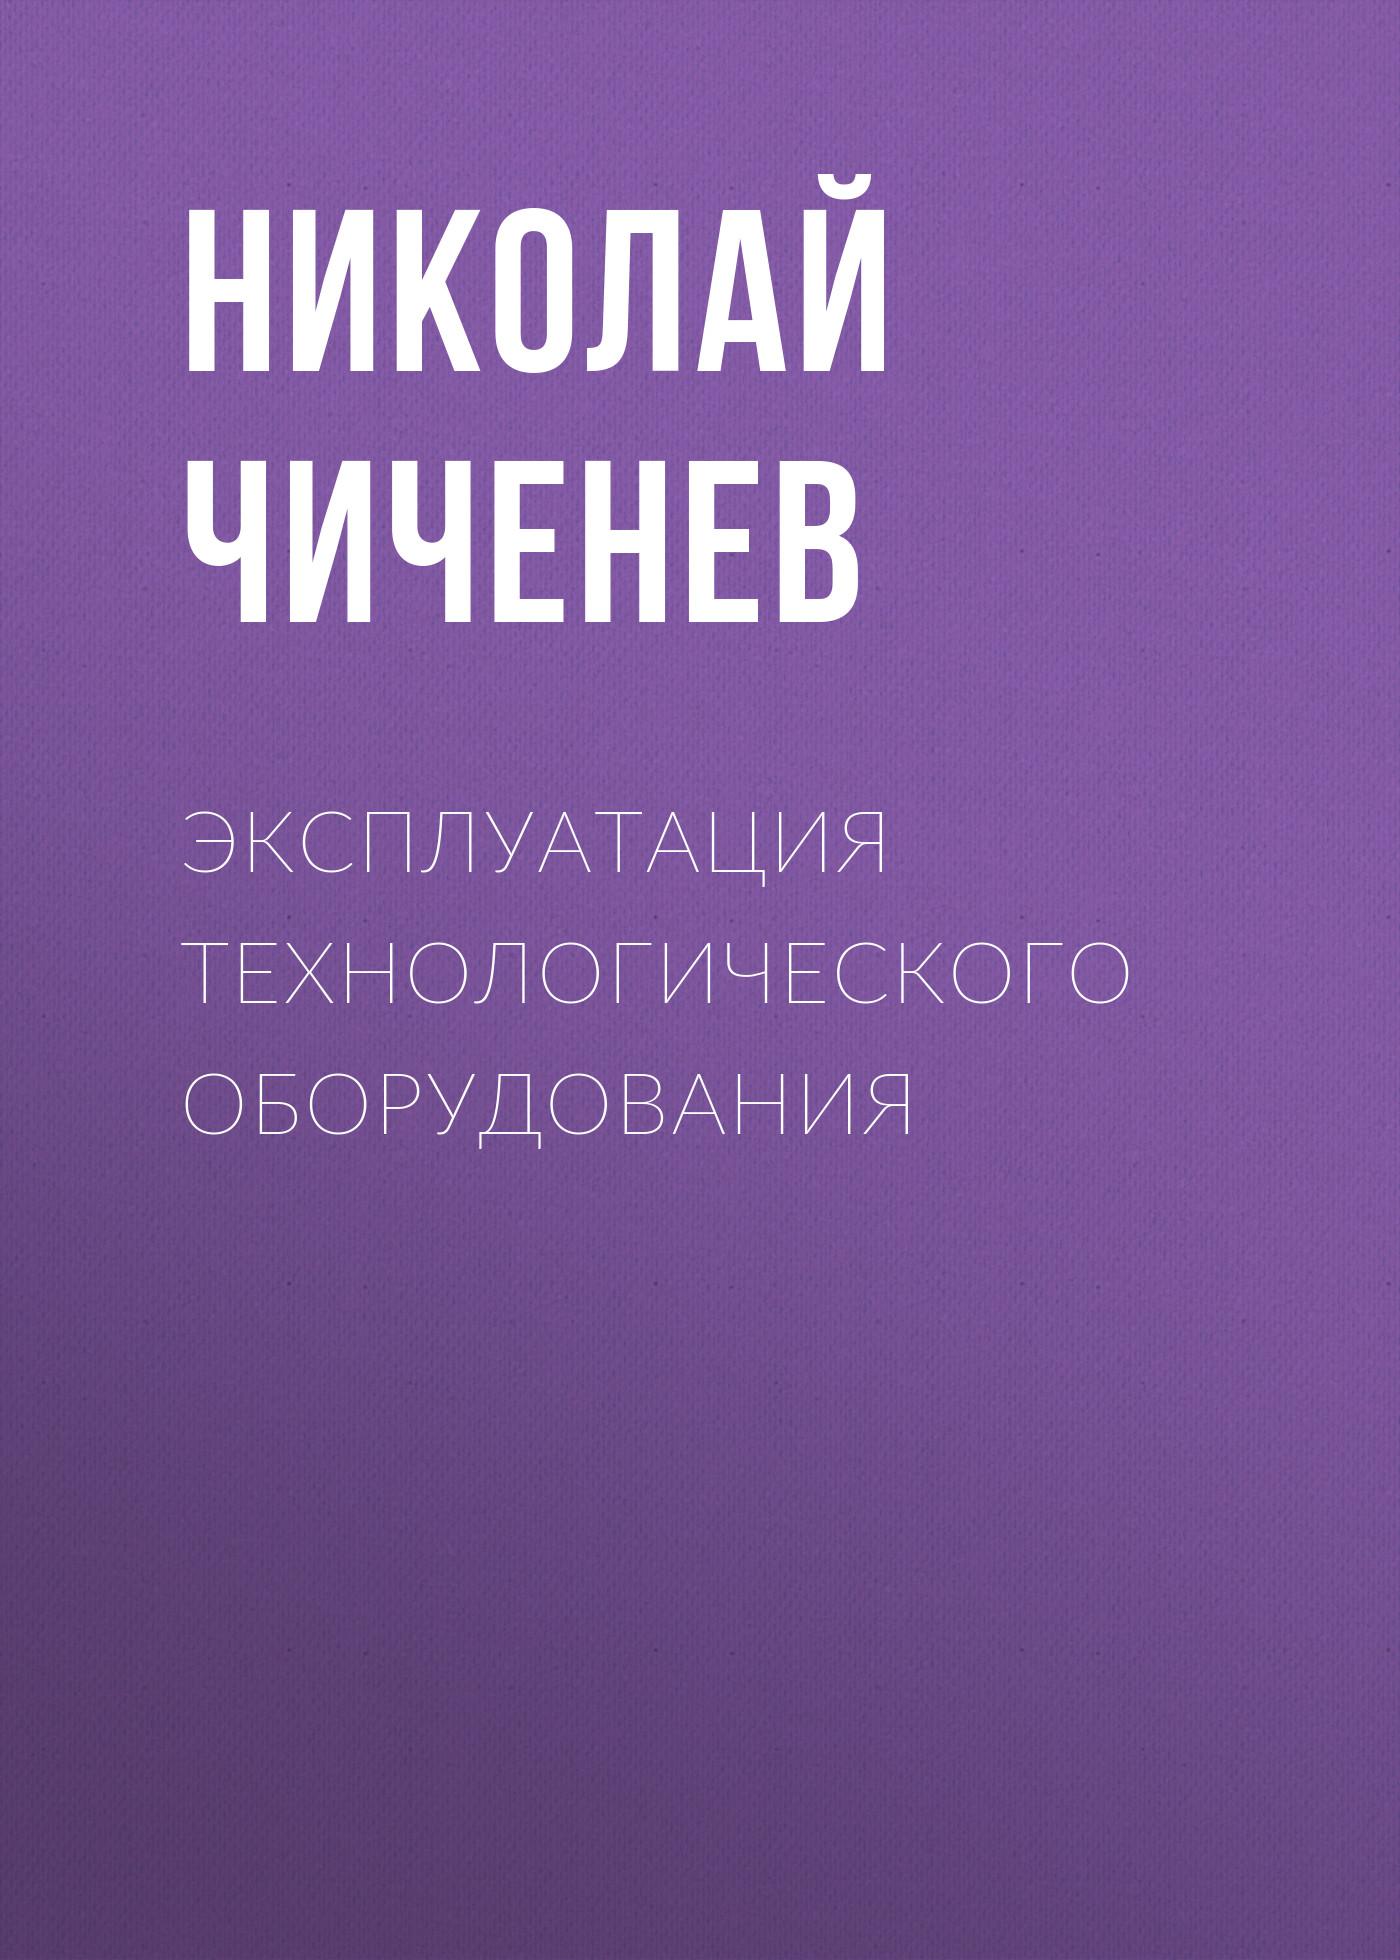 Фото - Н. А. Чиченев Эксплуатация технологического оборудования складское оборудование